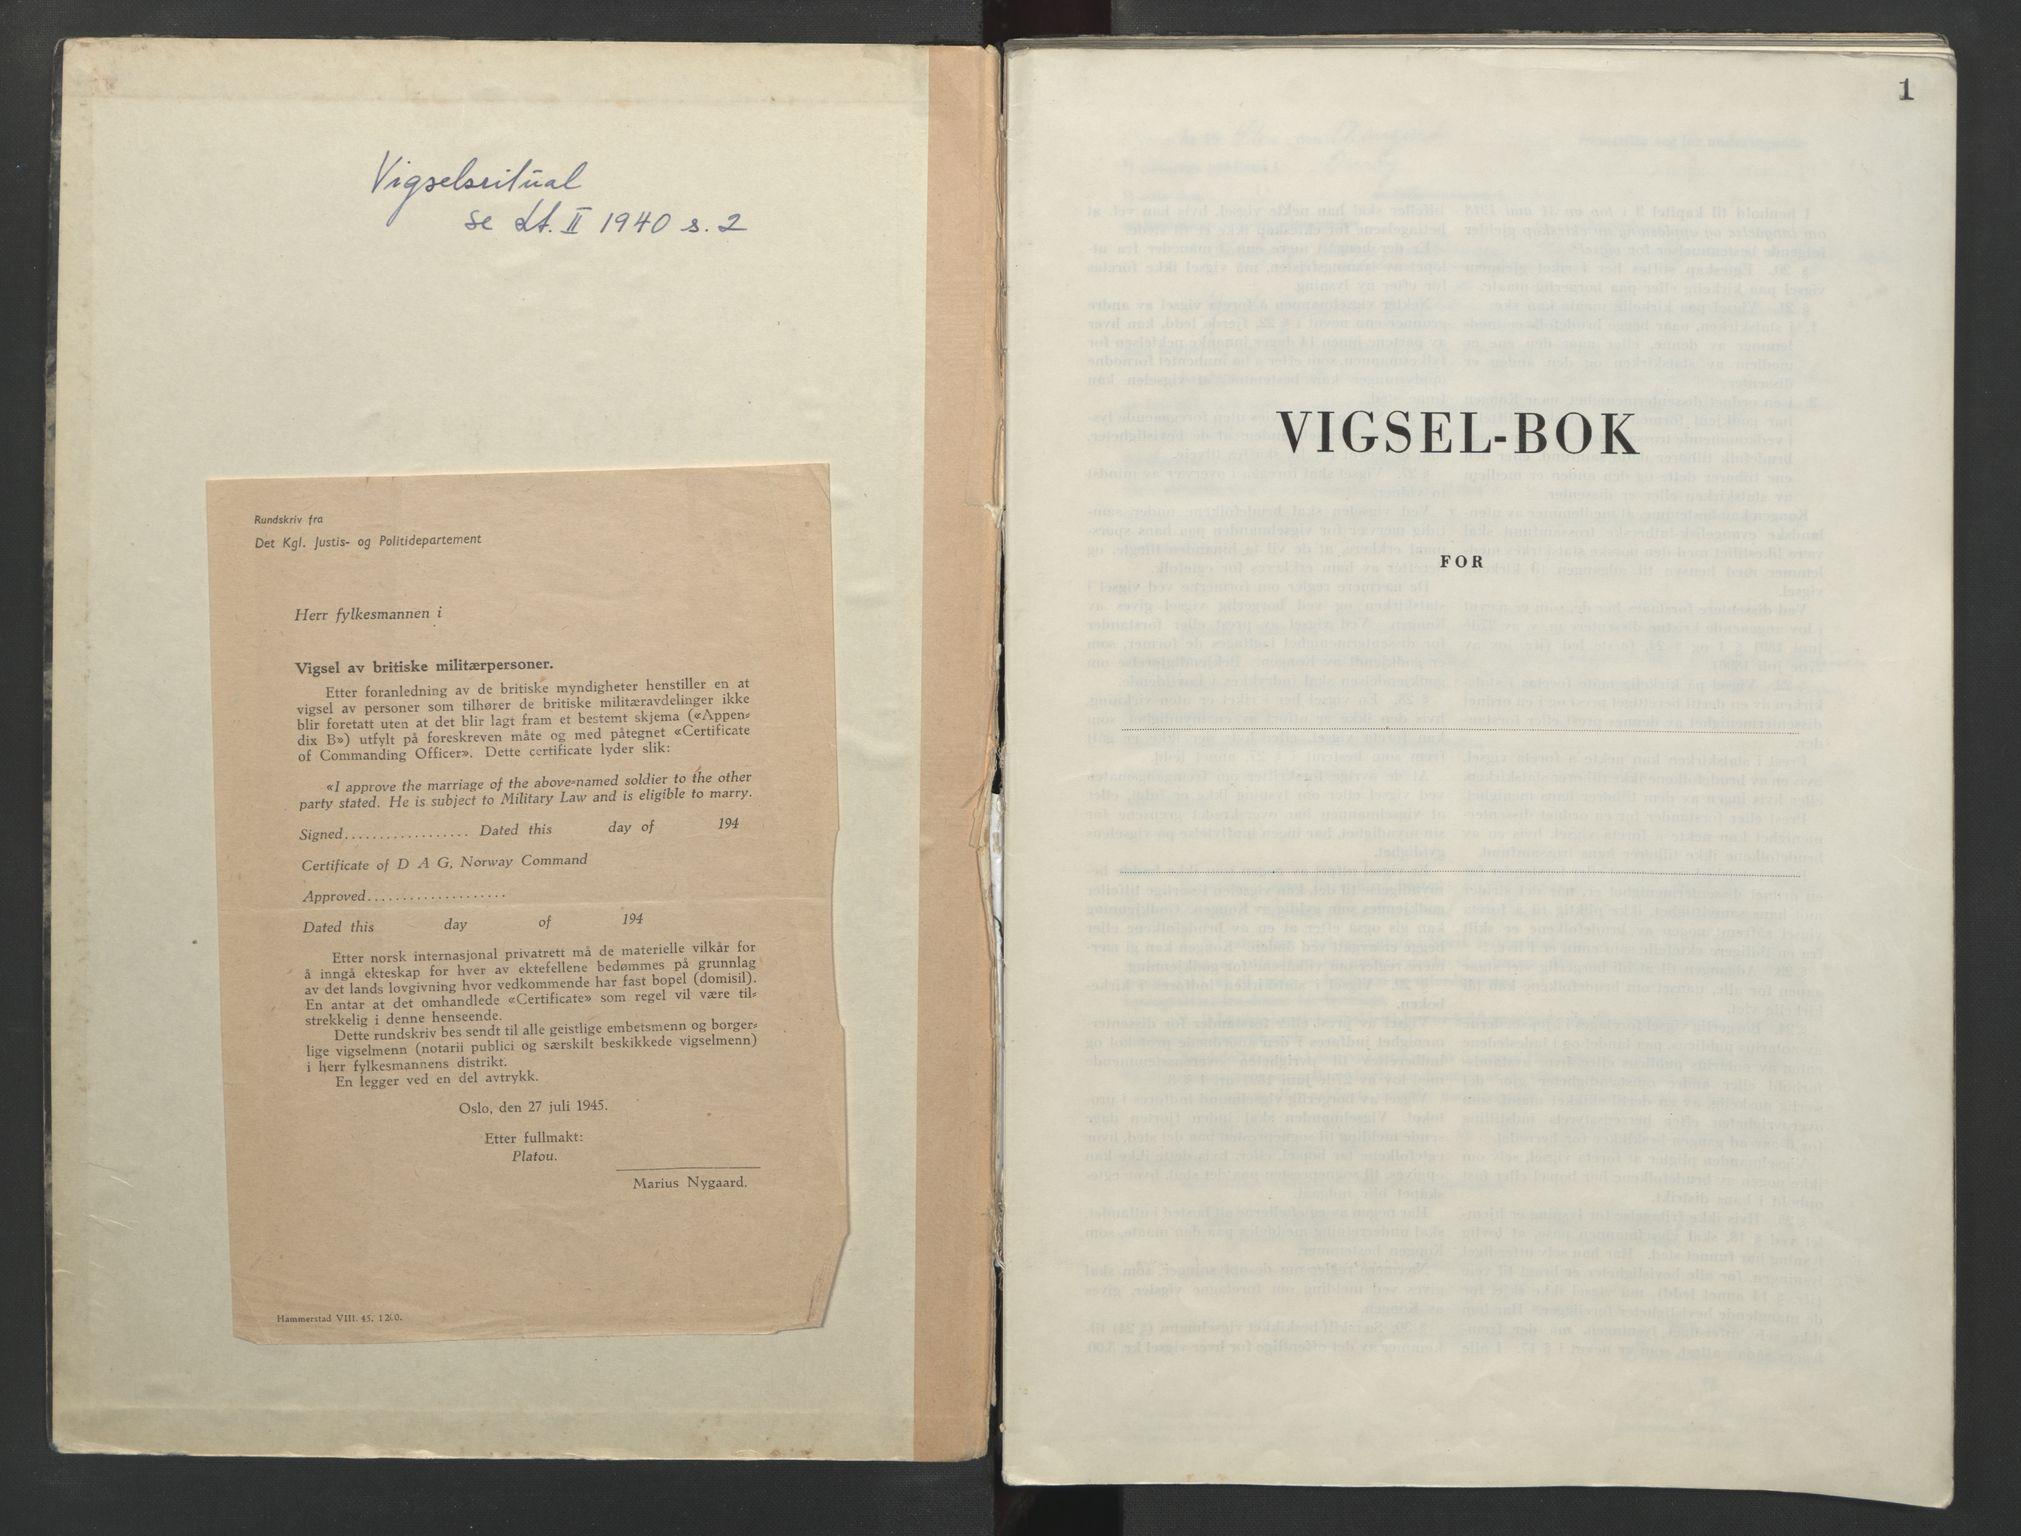 SAO, Onsøy sorenskriveri, L/La/L0006: Vigselsbok, 1946-1956, s. 1